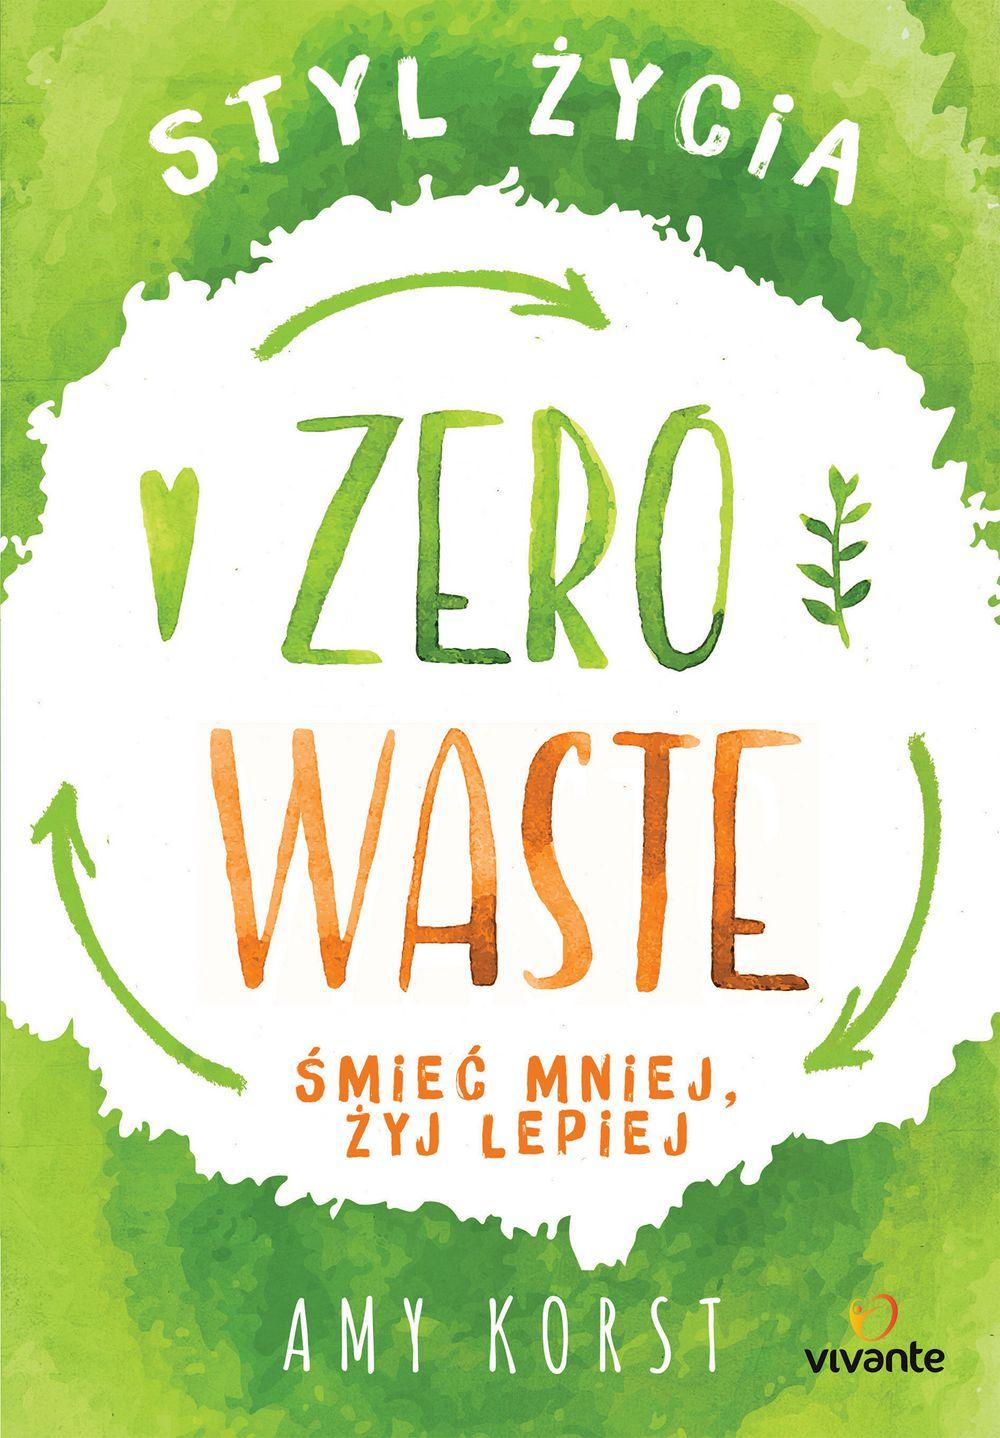 Styl życia Zero Waste. Śmieć mniej, żyj lepiej - Ebook (Książka na Kindle) do pobrania w formacie MOBI